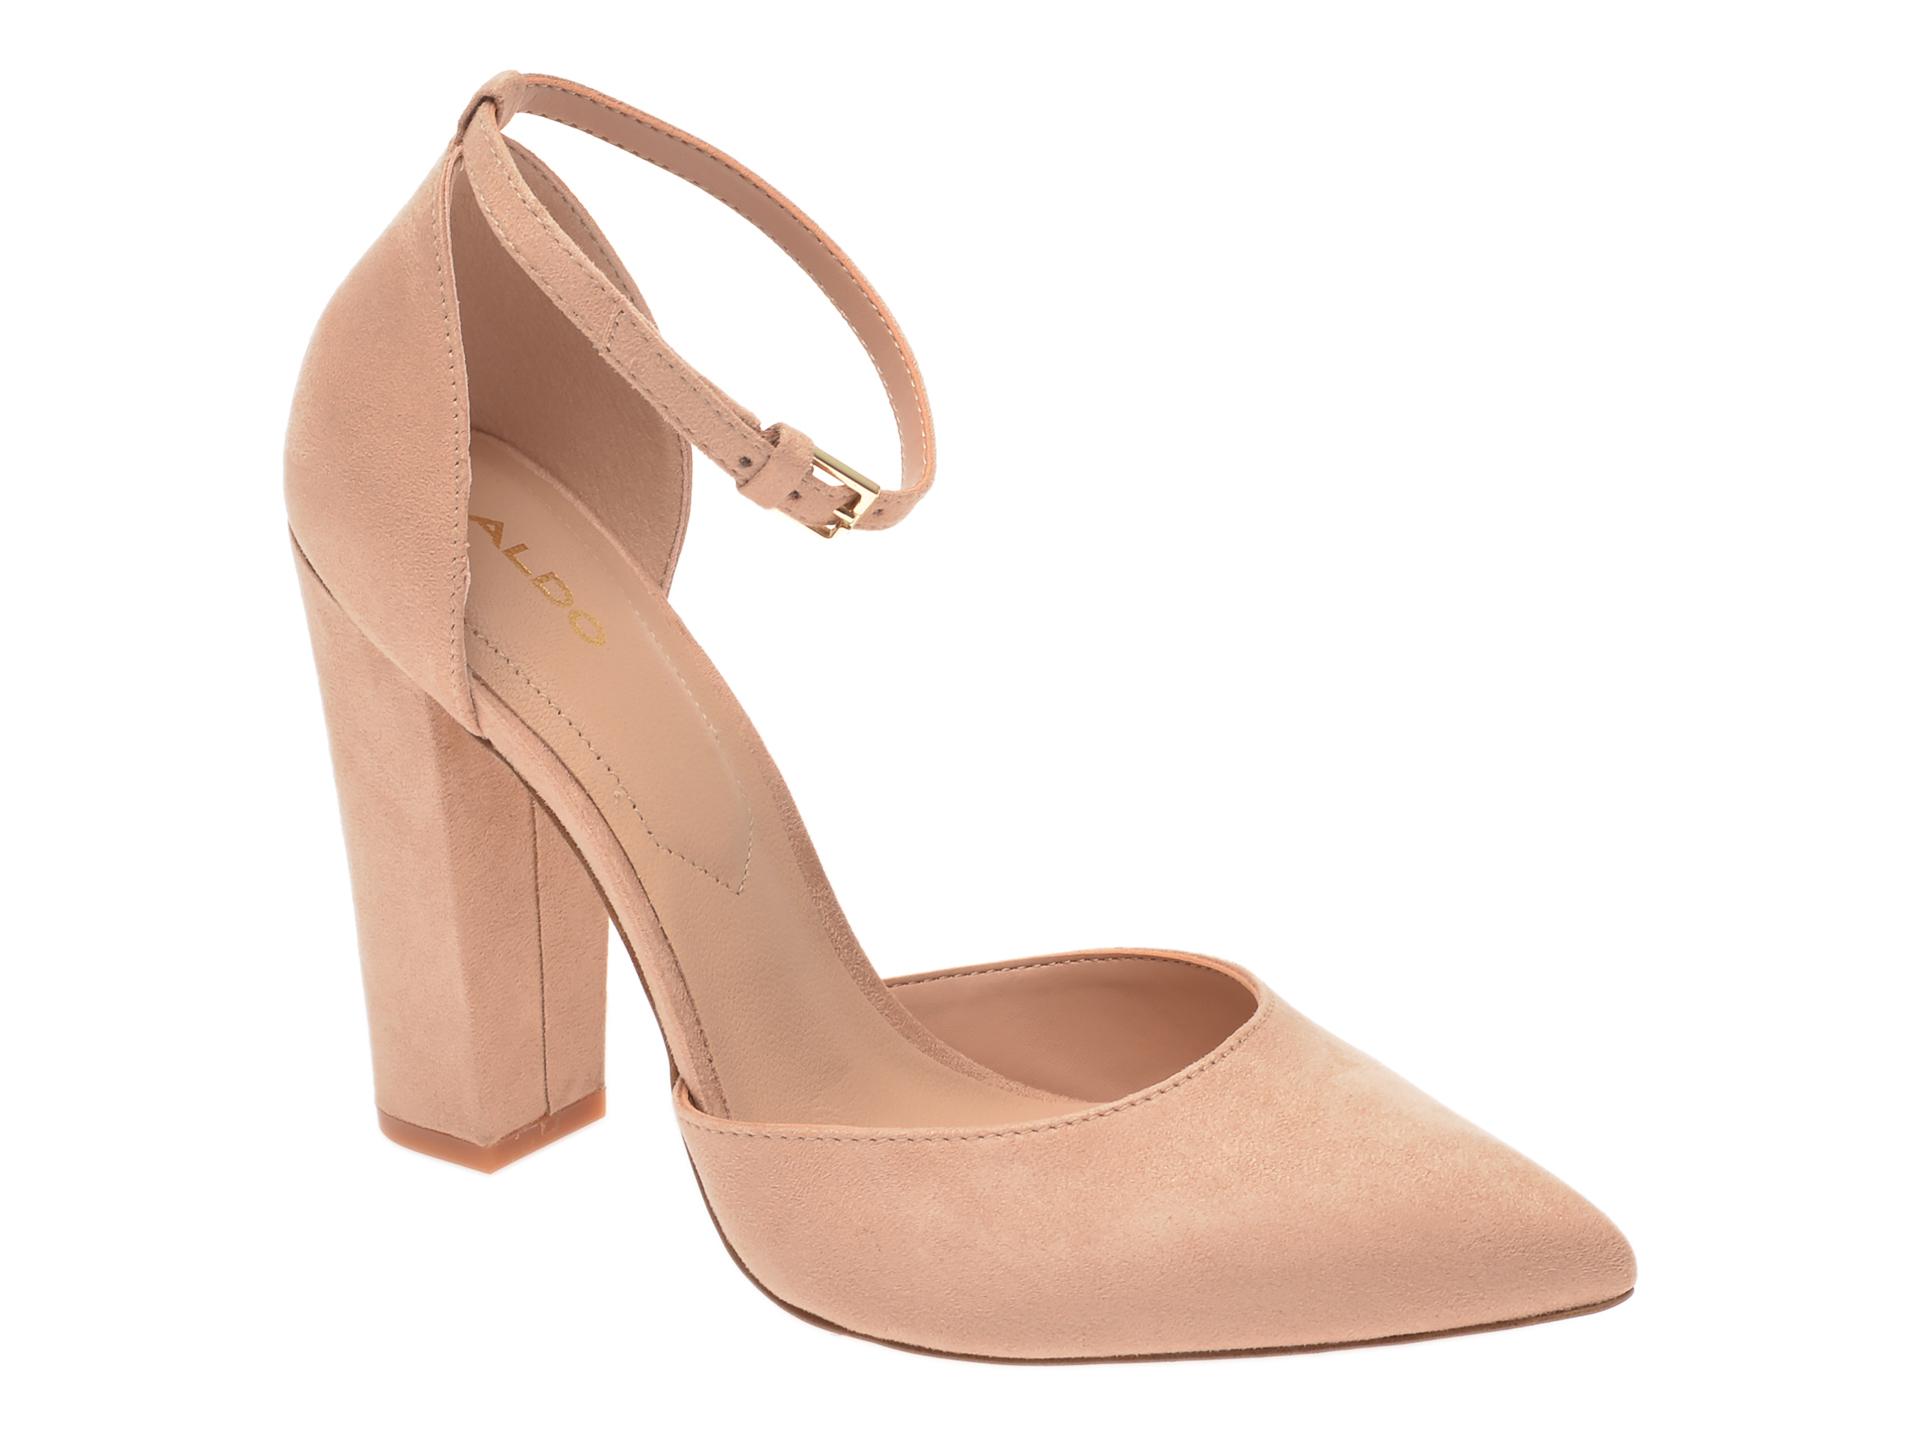 Pantofi ALDO nude, Nicholes270, din piele ecologica imagine otter.ro